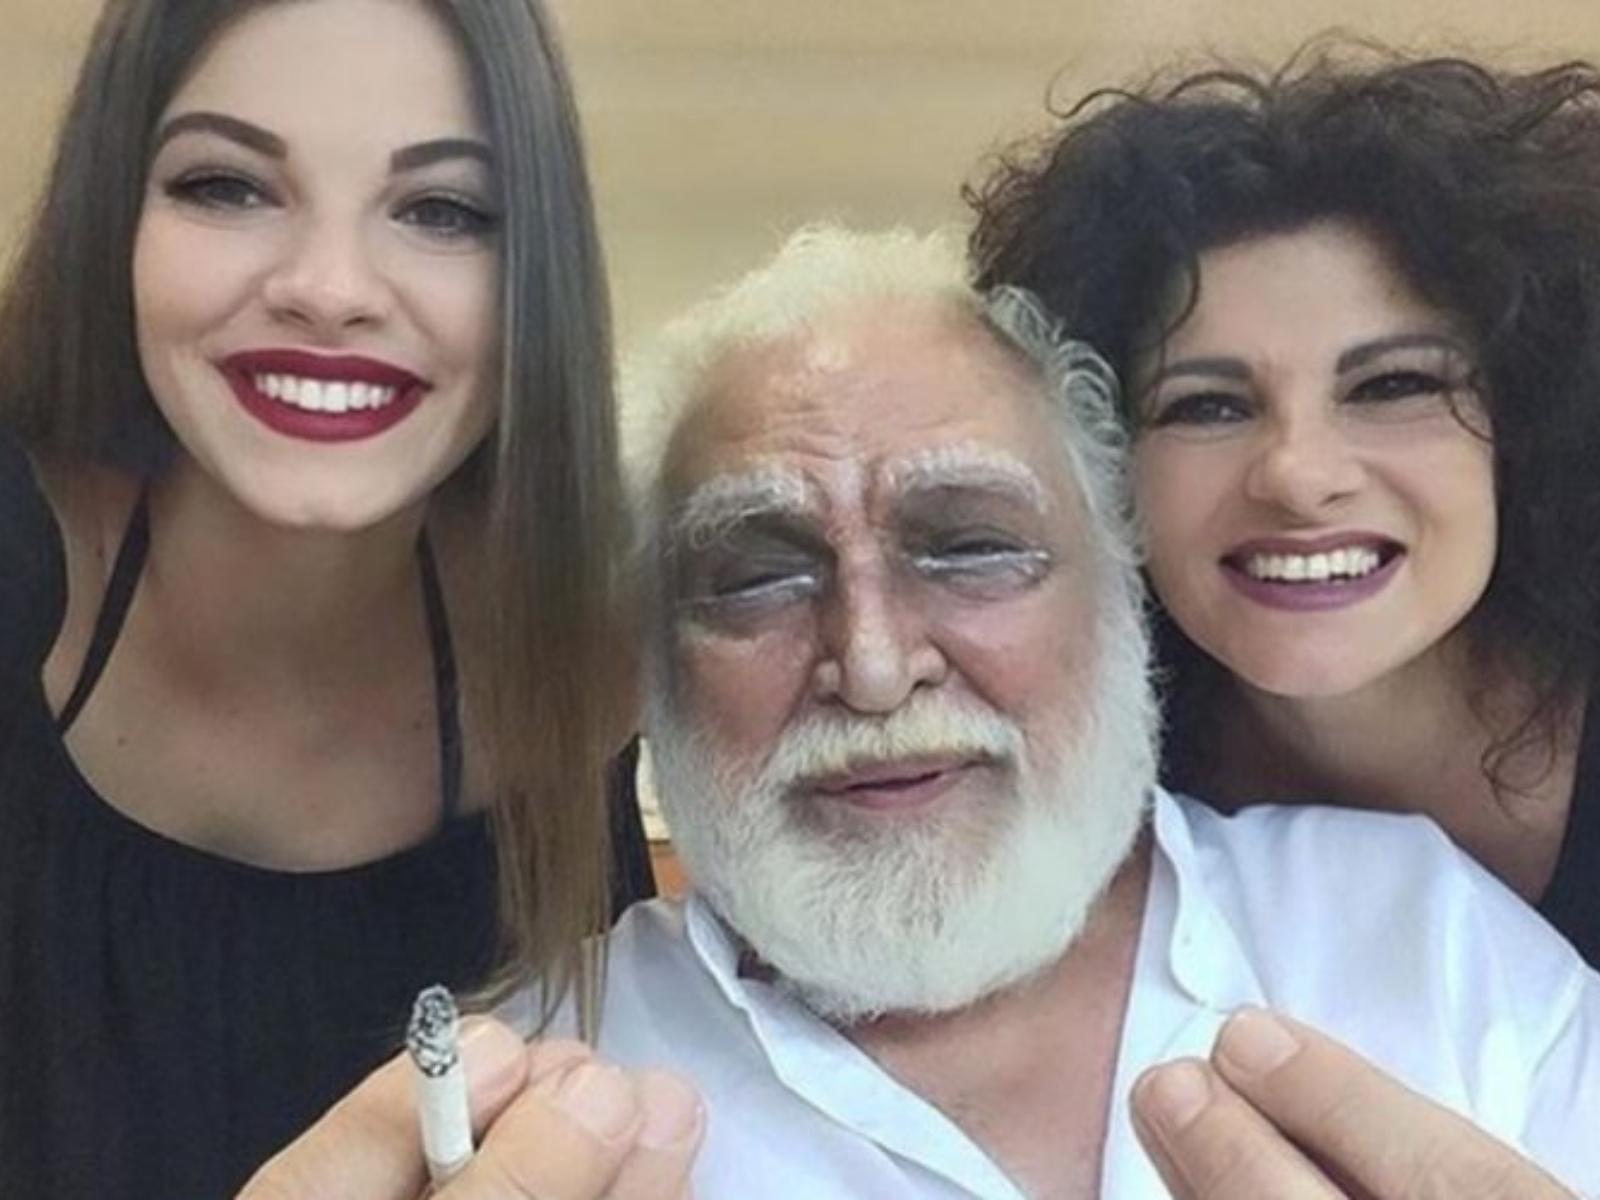 Τζένη Καζάκου: Mιλάει για την γιαγιά της και τον παππού της: «Είναι ο αρκουδάκος μου»!